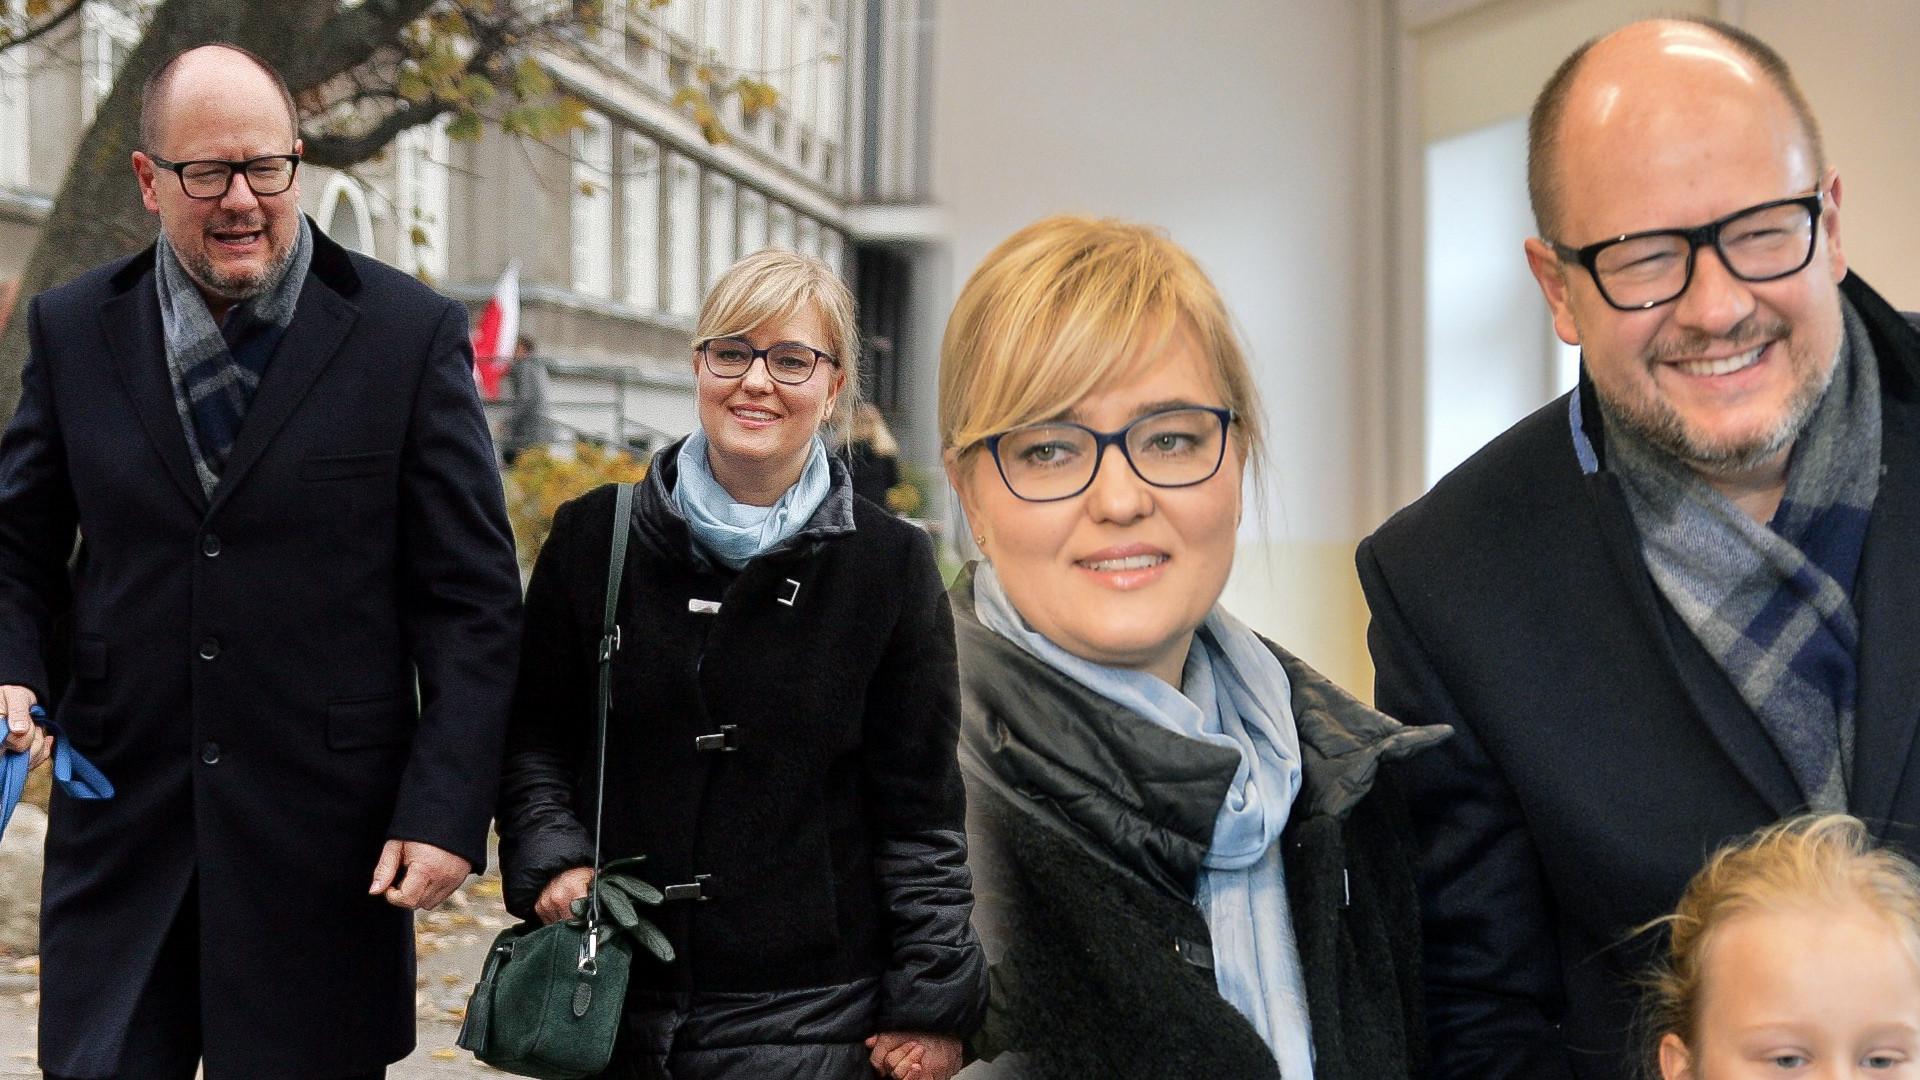 Żona rannego prezydenta Gdańska, Pawła Adamowicza, wraca z Londynu do kraju